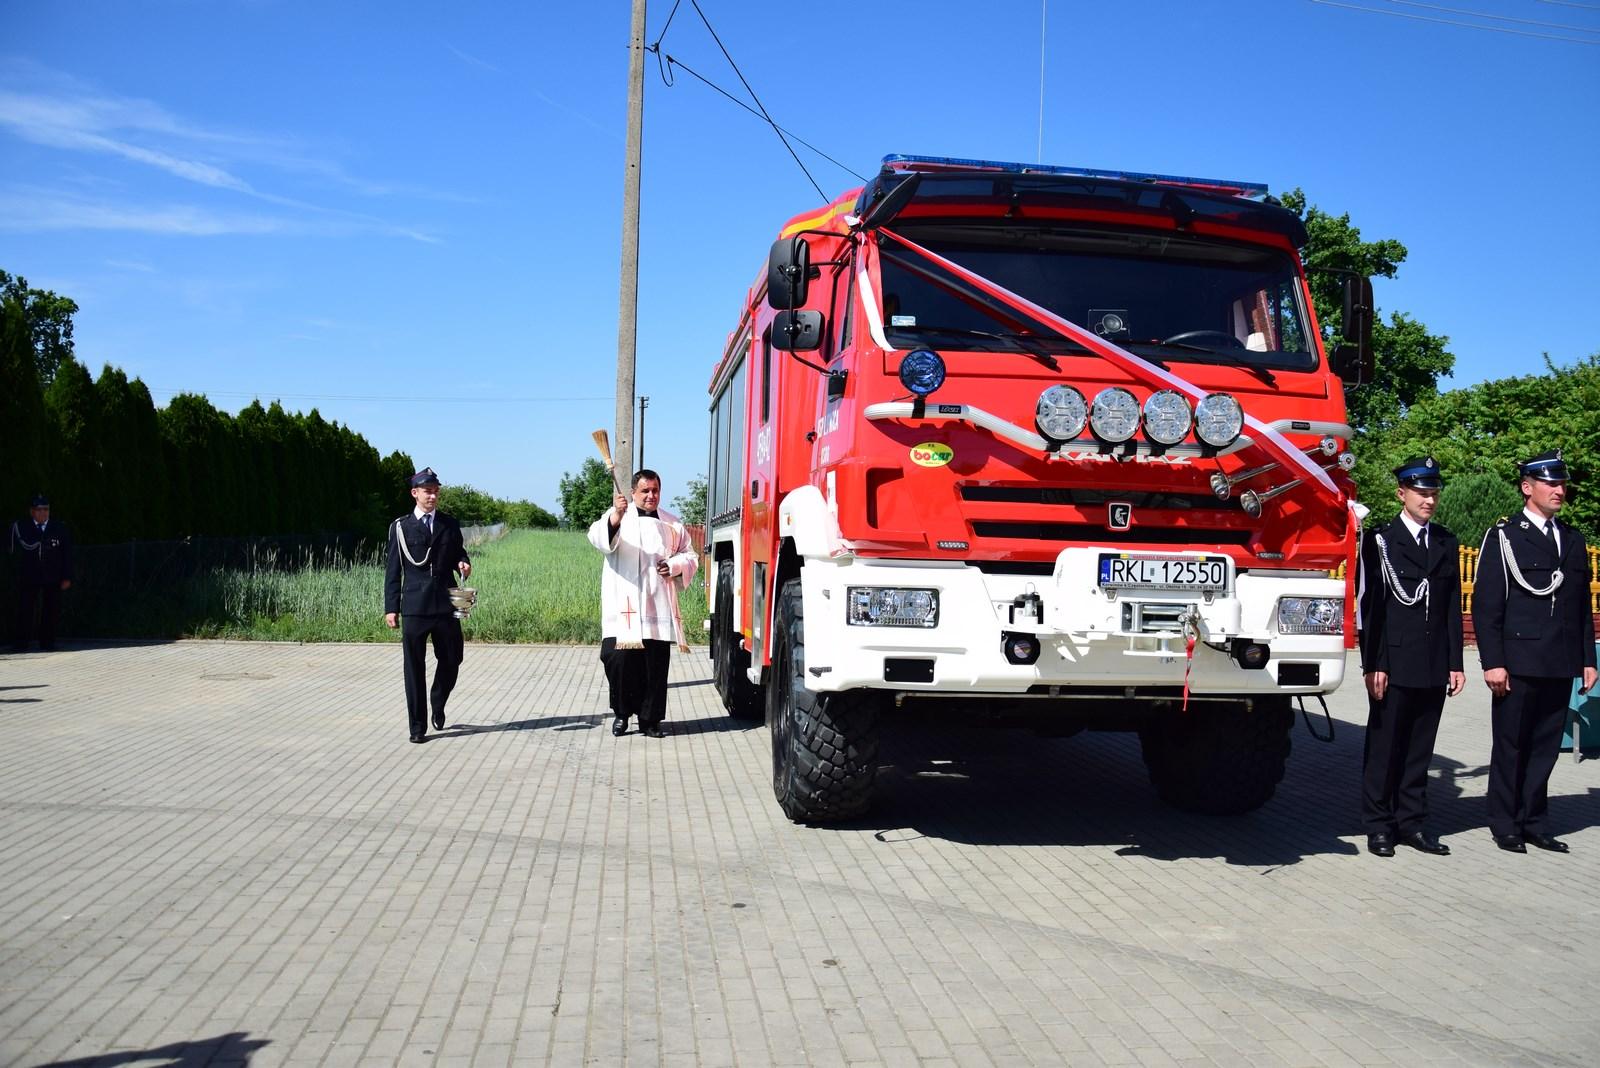 Strażacy z Lipnicy odebrali nowy samochód ratowniczo - gaśniczy. Wóz kosztował prawie milion złotych  - Zdjęcie główne